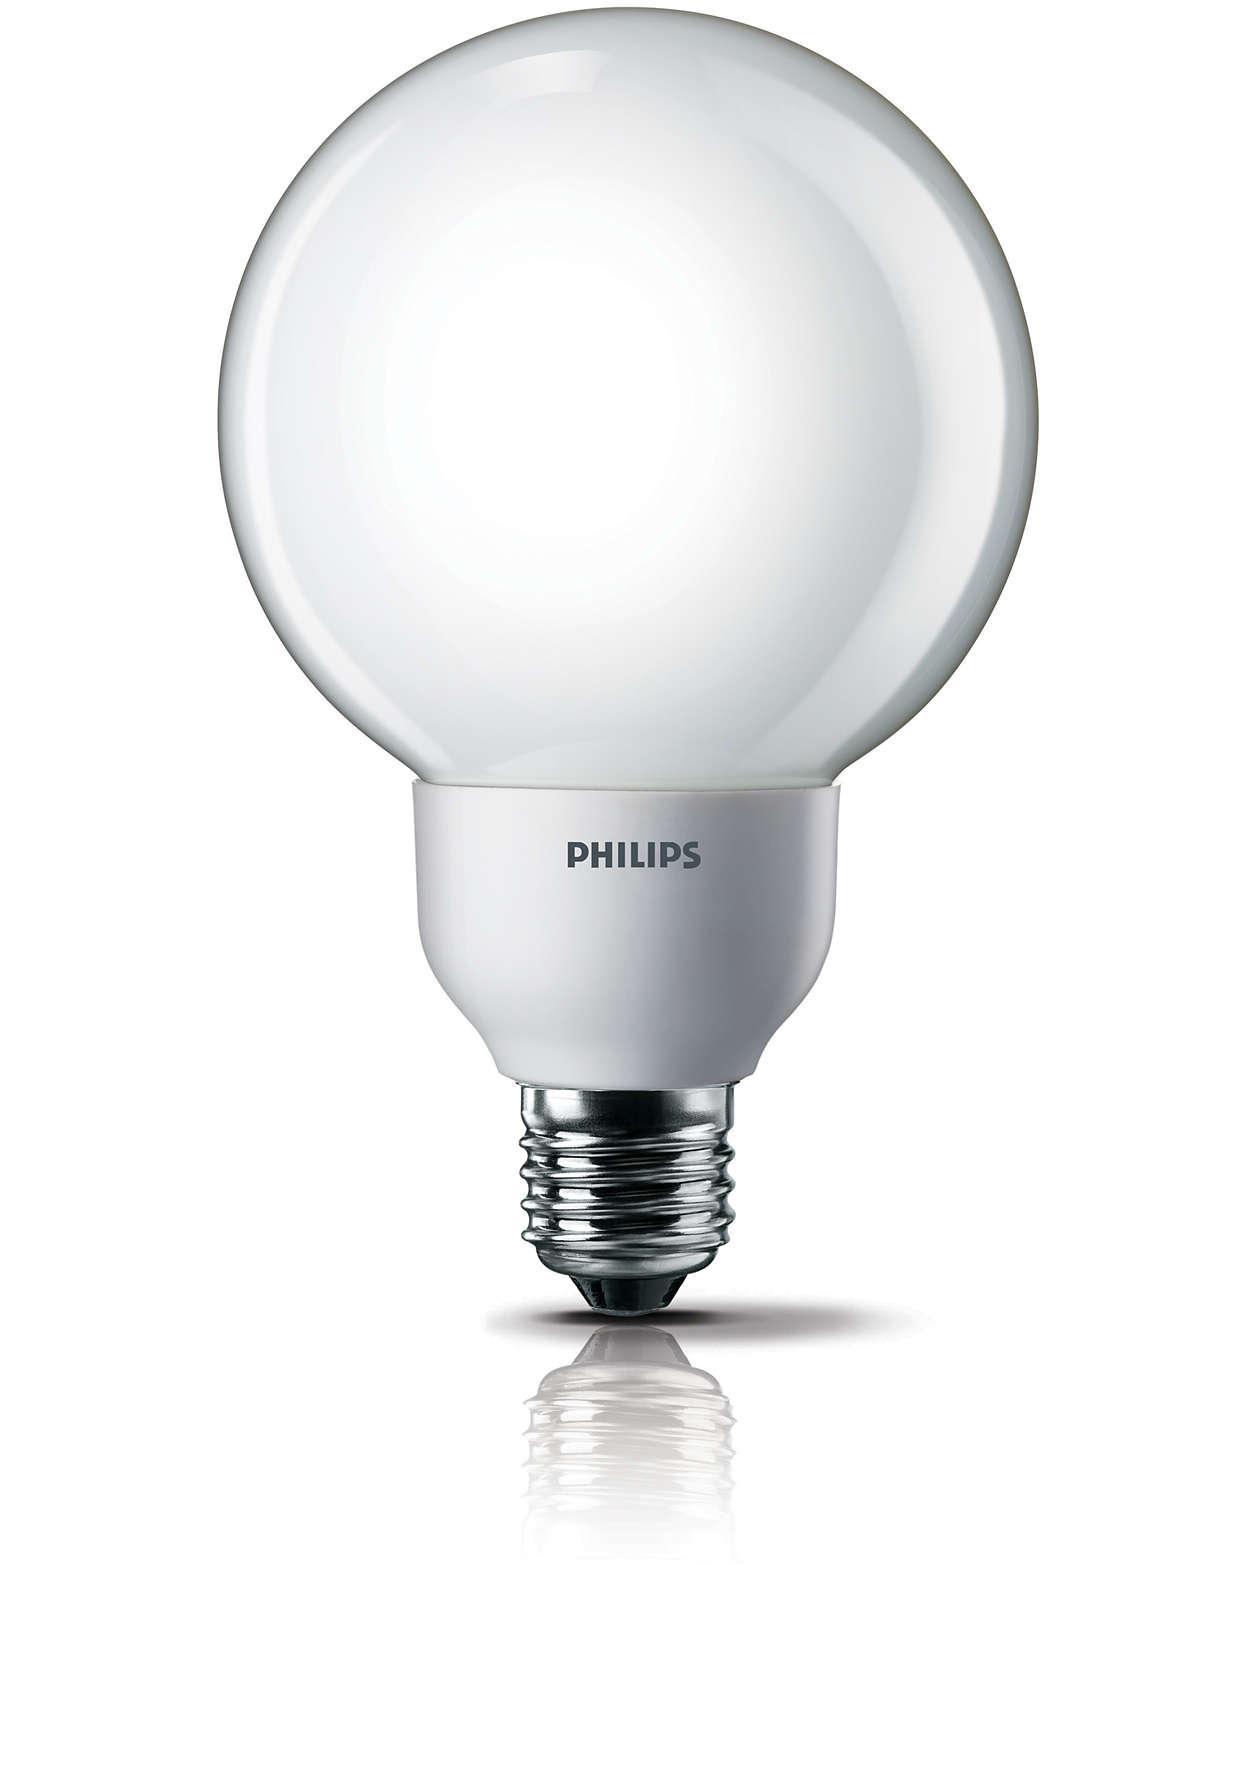 Luz suave e amena em um formato decorativo